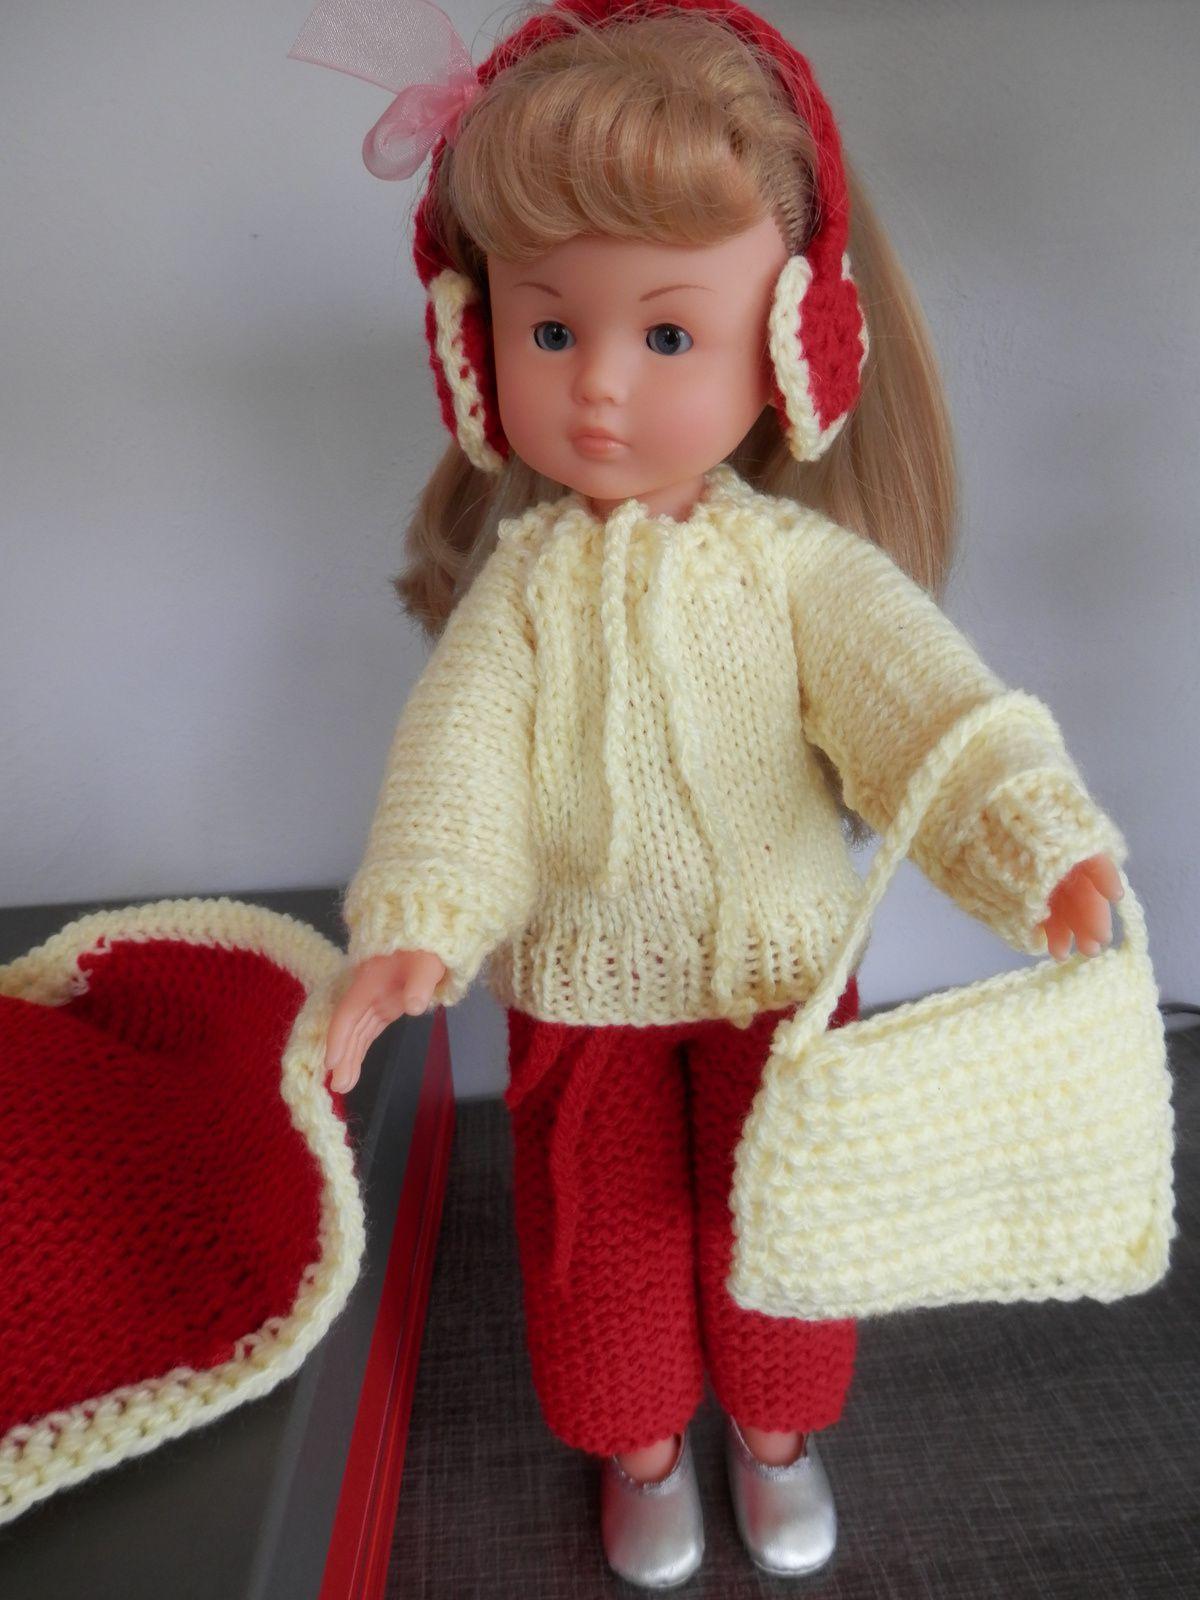 il a pas fait chaud c est dernier temps  donc il a bien fallu habiller Camille car cette hiver j ai vider un peut ca garde robe cet ensemble pantalon pull manteau  sac assorti  et ce casque car elle ecoute la musique